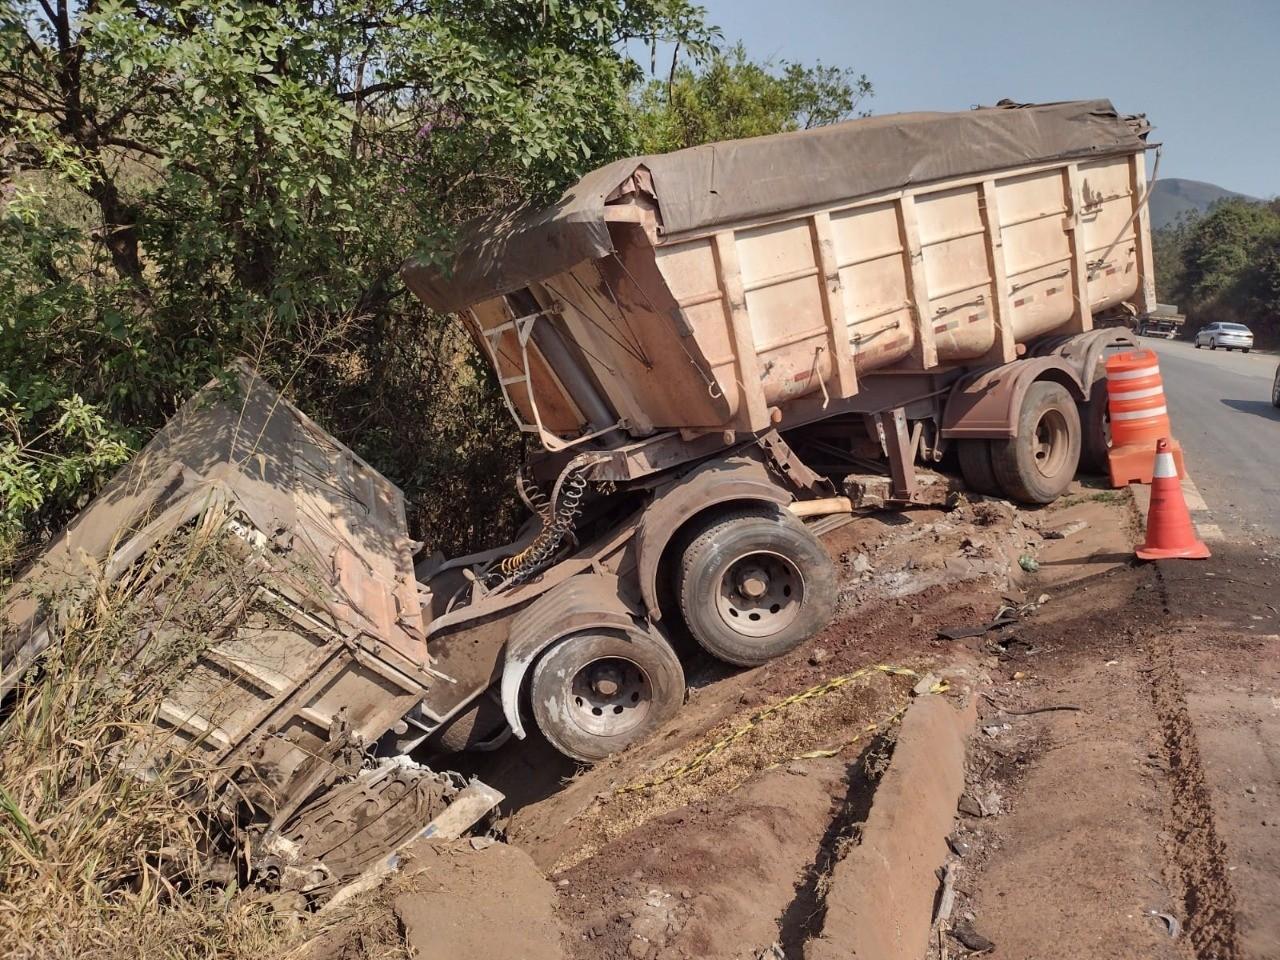 Remoção de carreta interdita sentido RJ da BR-040 na tarde deste sábado em Itabirito